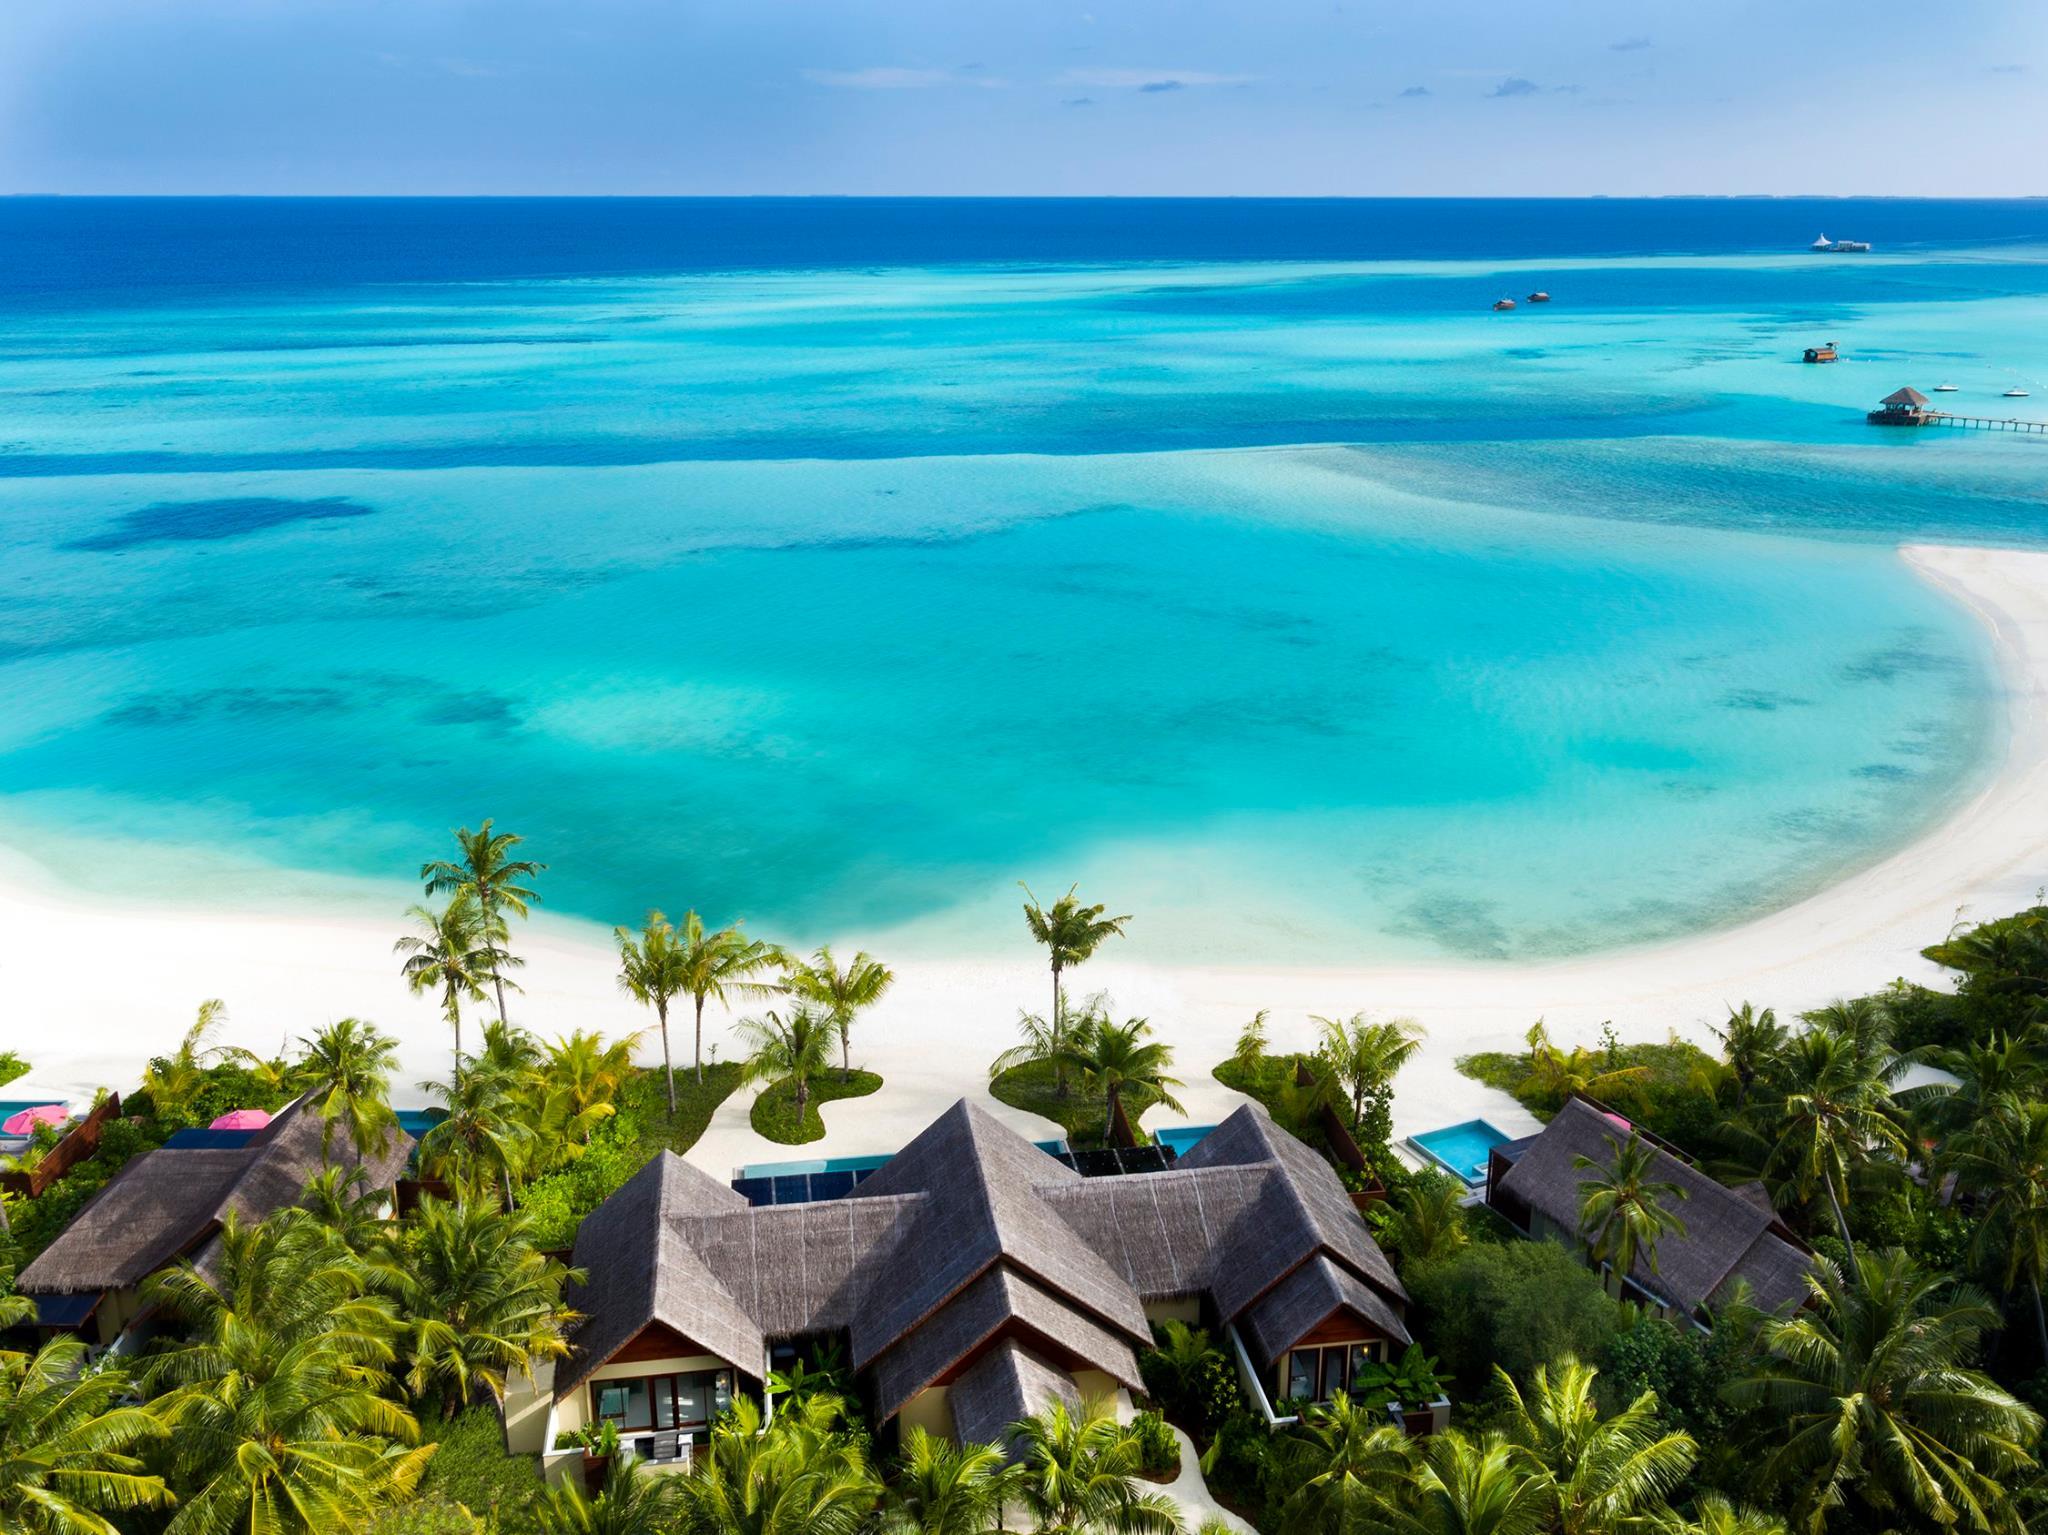 resort-maldive-per-aquum-niyama